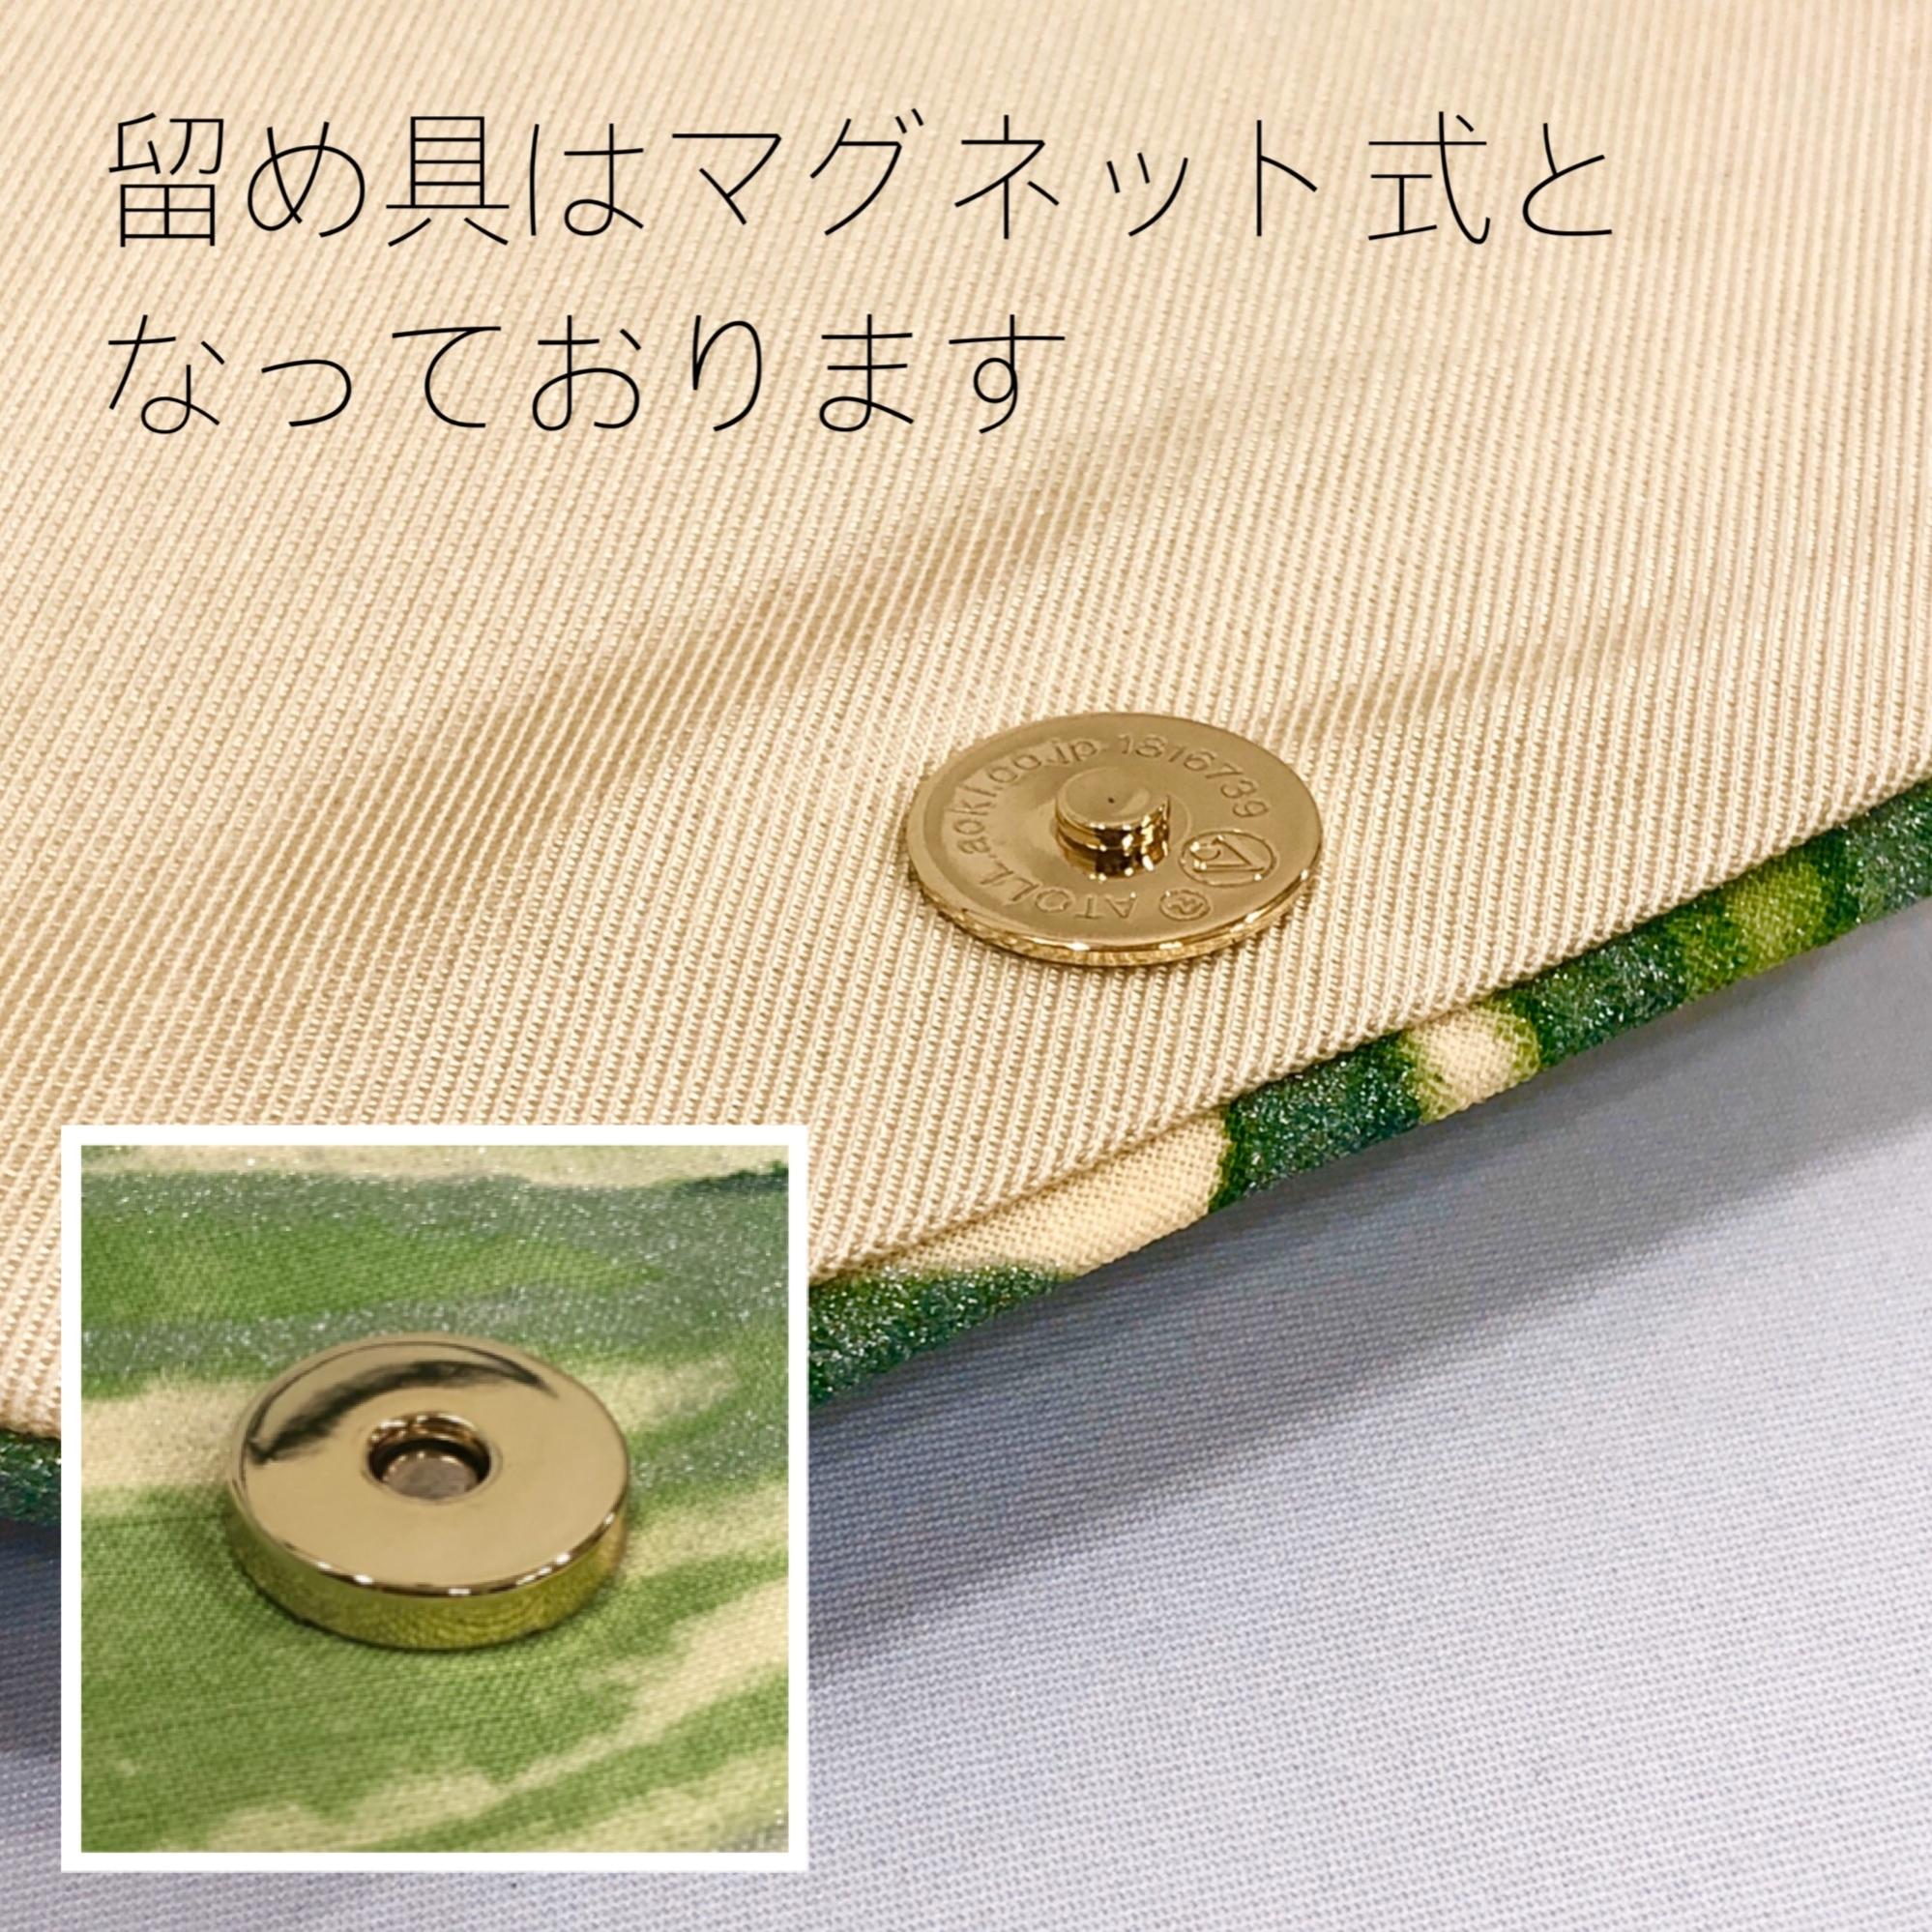 【限定品】数寄屋袋(西陣織・八達暈錦柄/No.2)